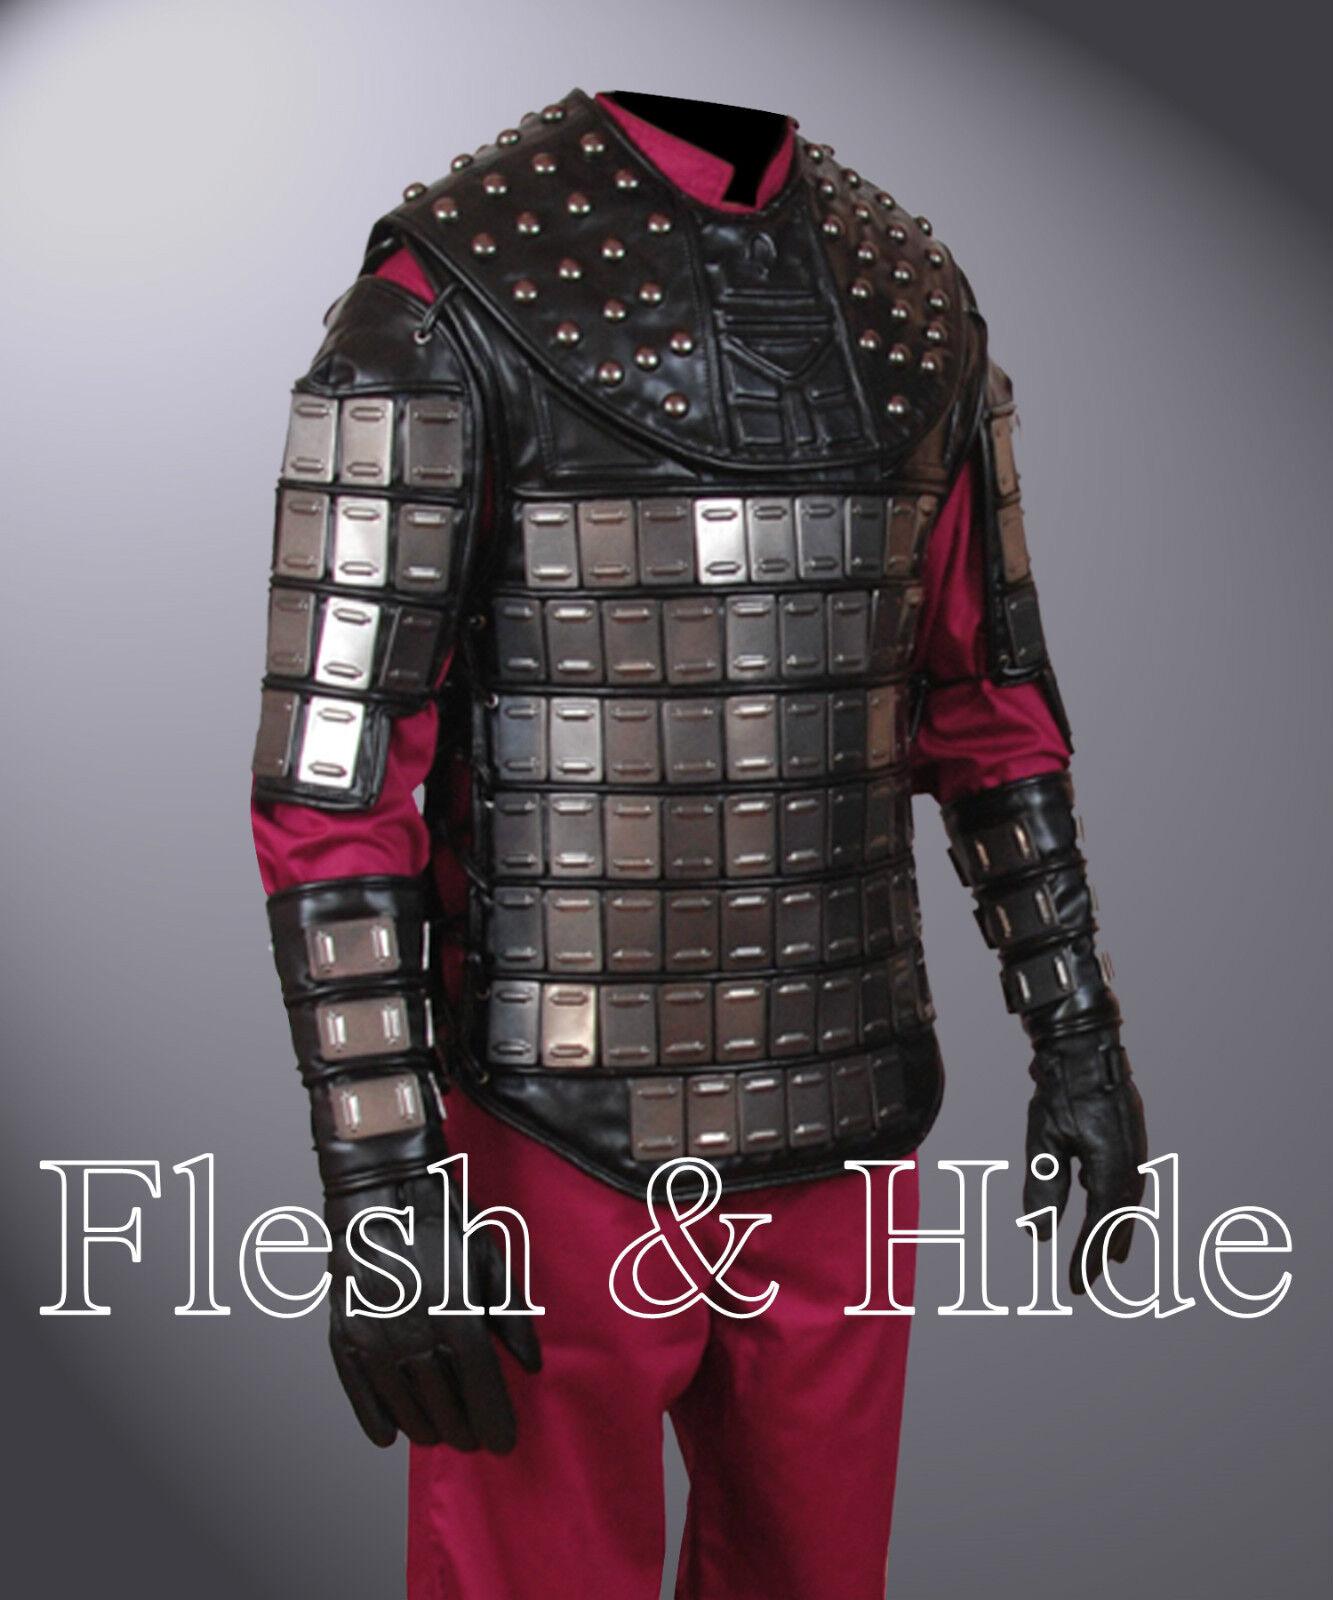 Faux Leder Planet of the Apes General Ursus Vest, Uniform, Wrist Cuffs